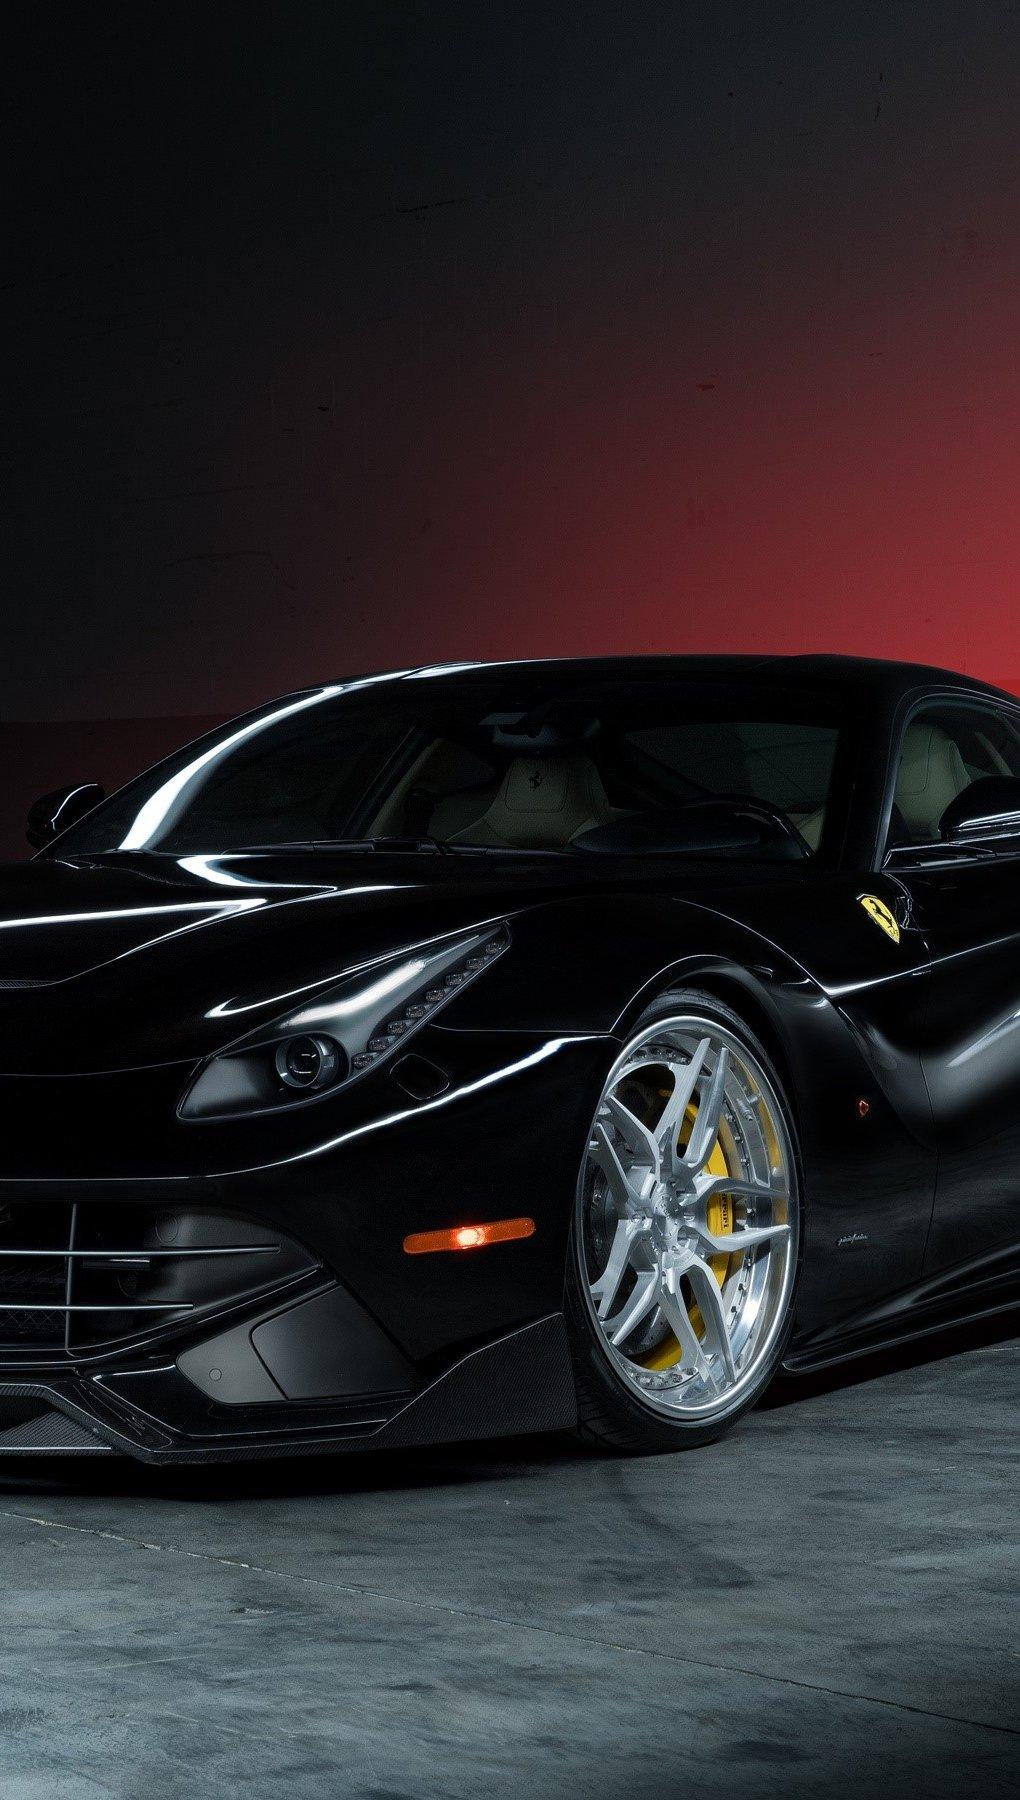 Wallpaper Ferrari F12 Berlenetta Vertical